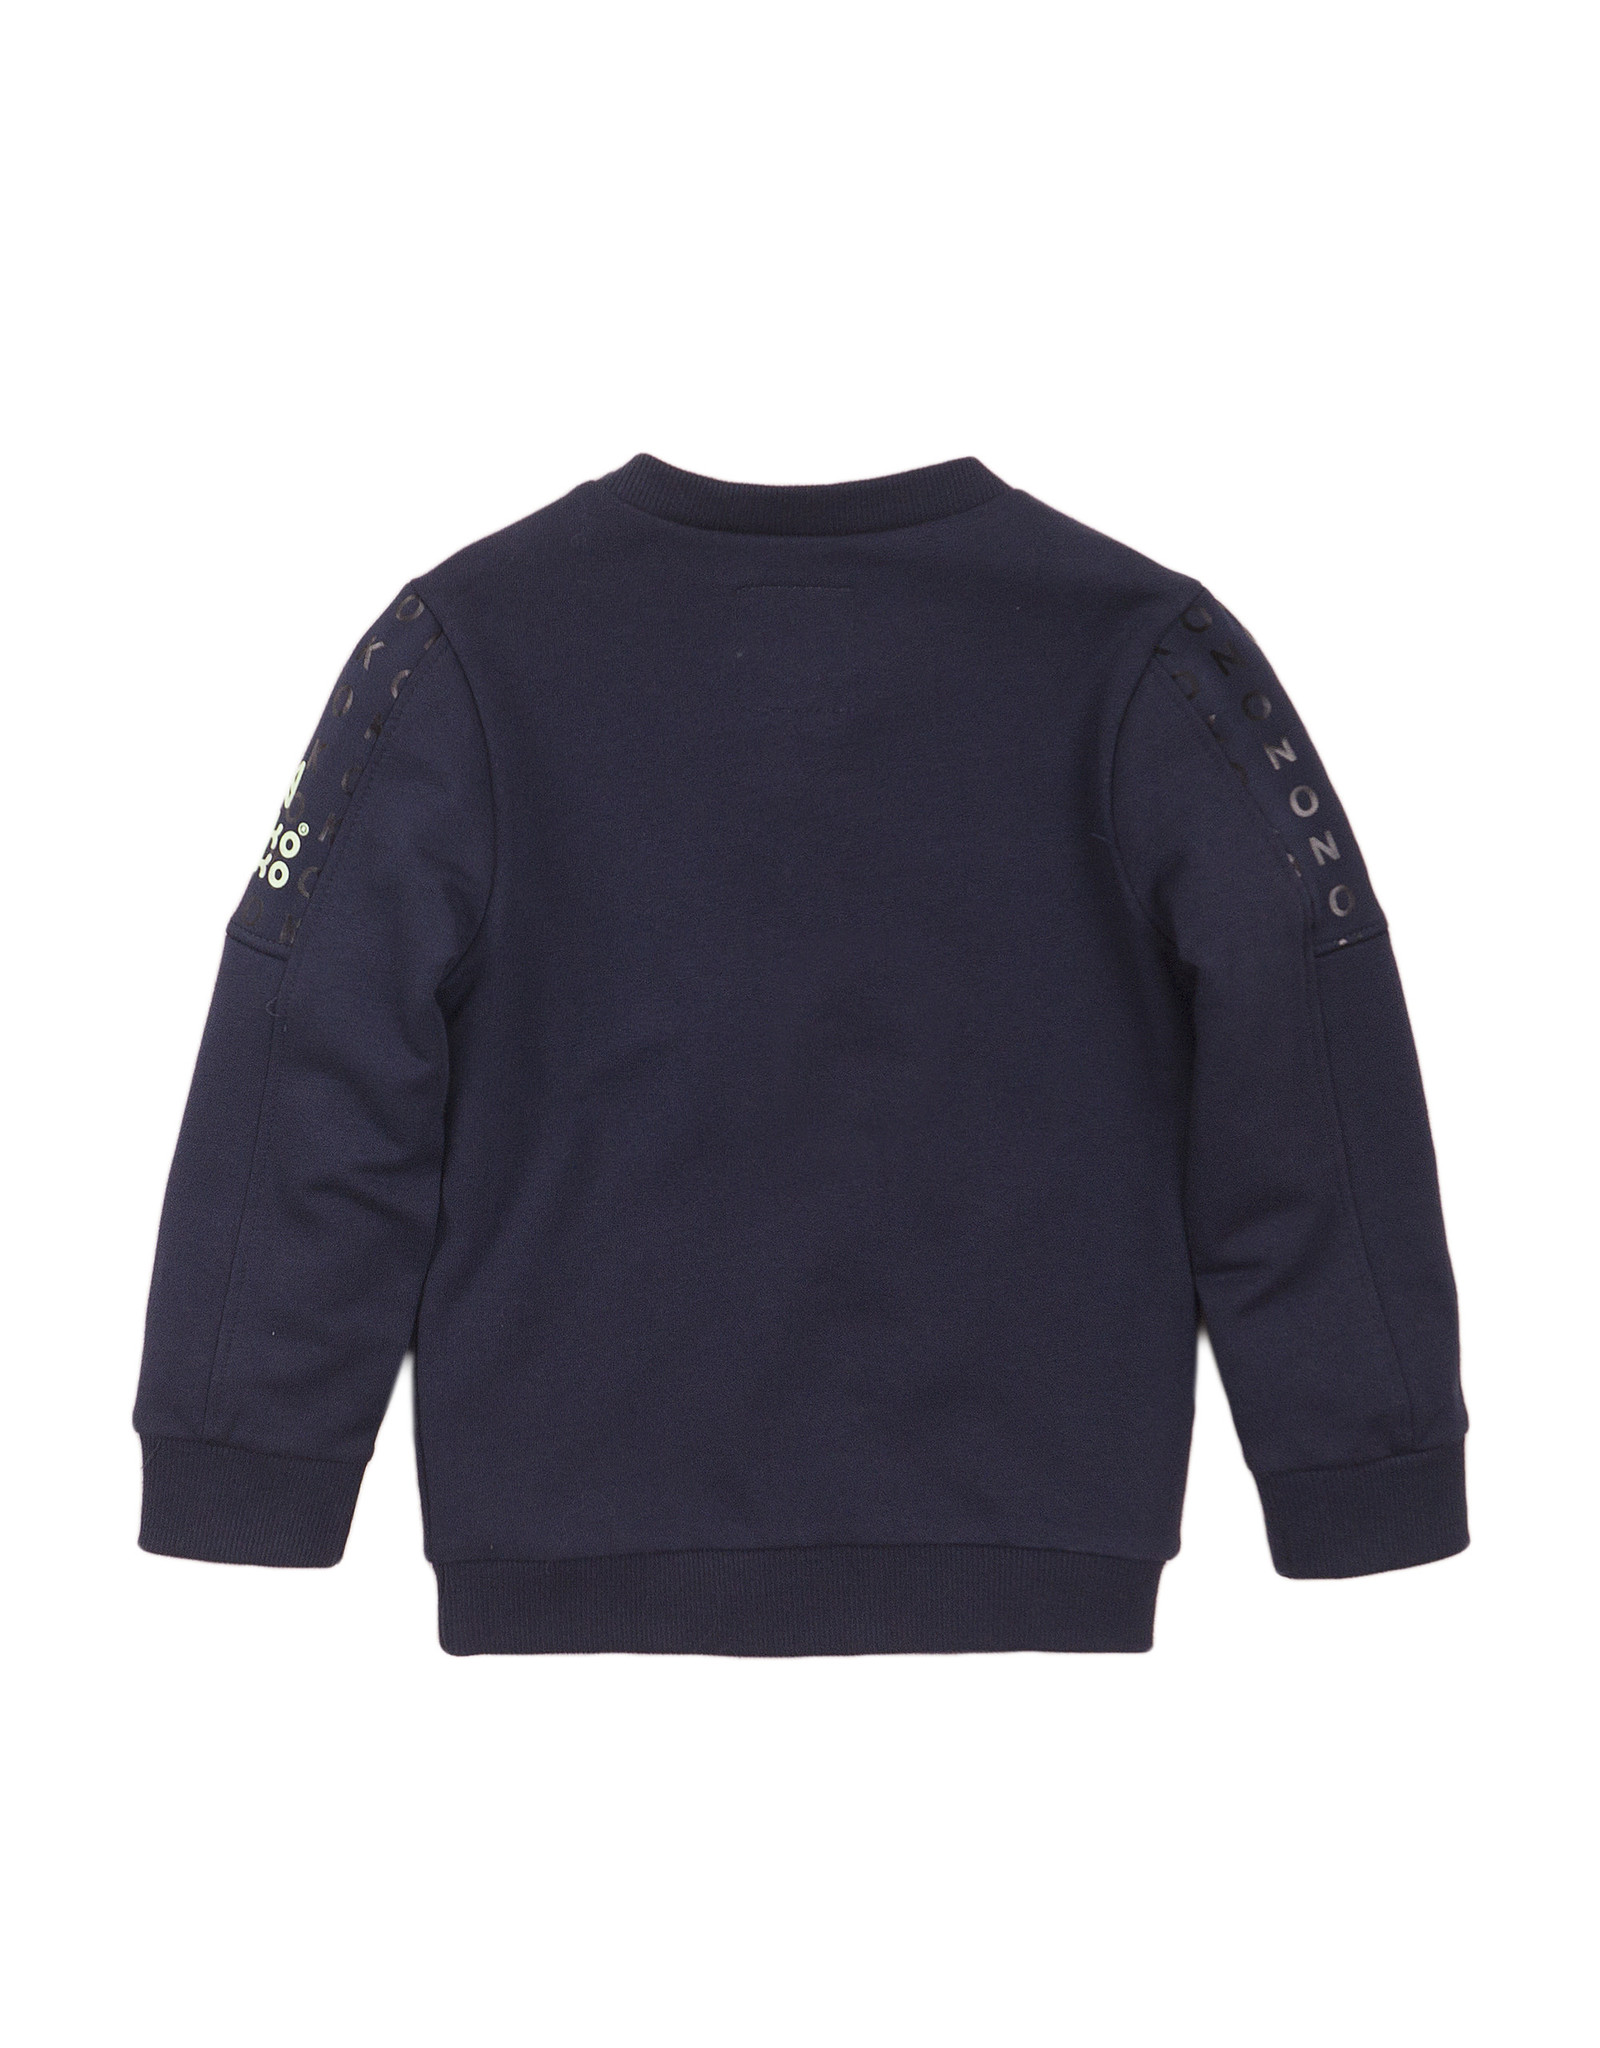 Koko Noko Koko Noko jongens sweater basic Navy